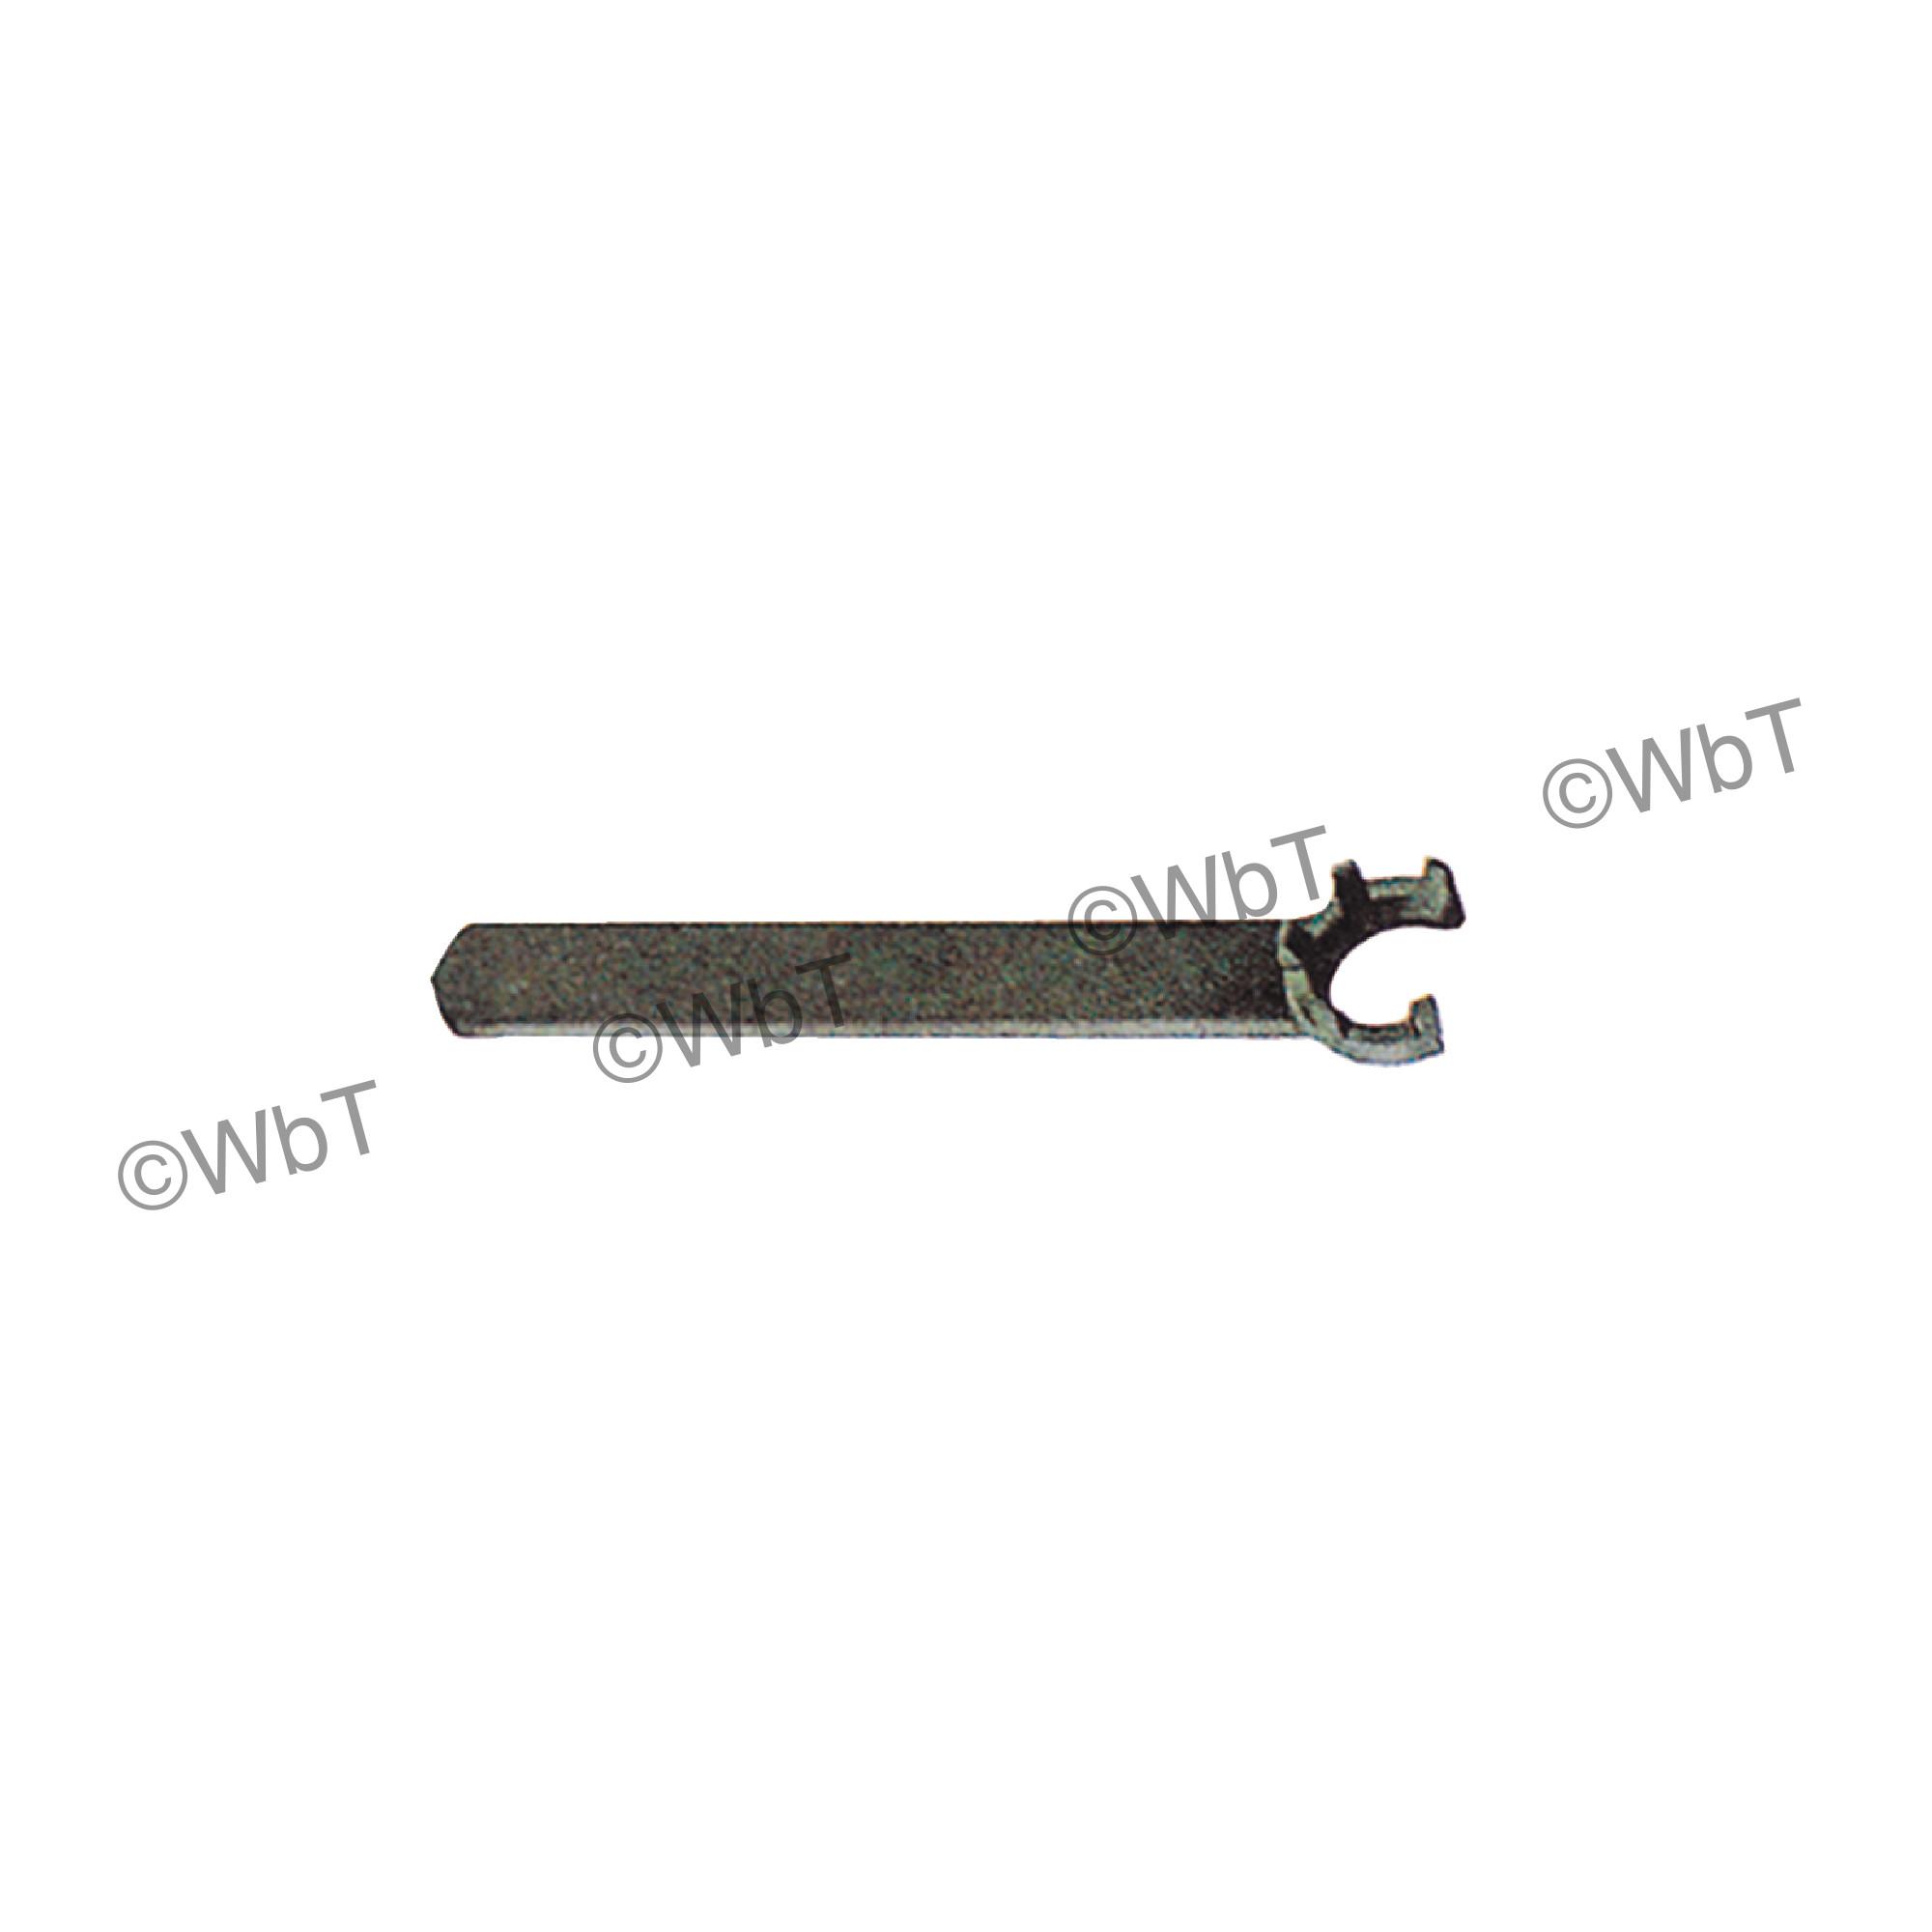 ER16 Mini- Wrench